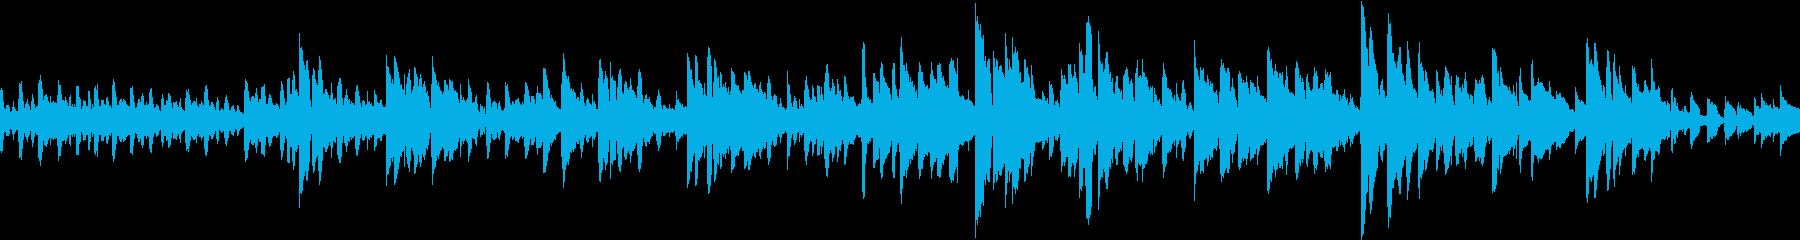 生音アコースティックブルースアンサンブルの再生済みの波形